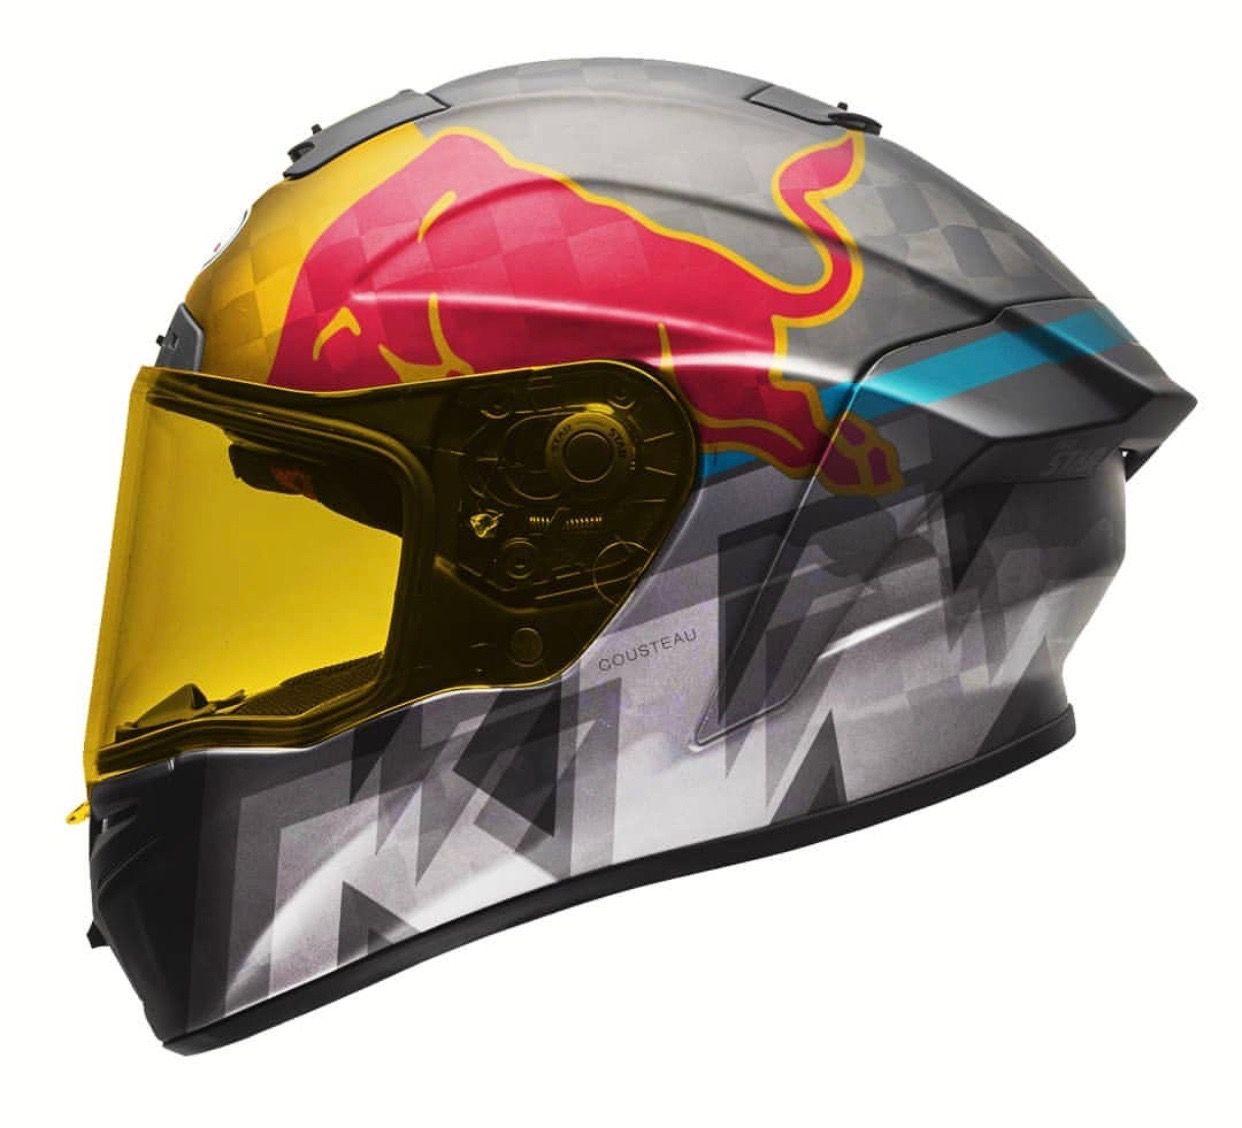 Pin On Helmet For Nepal